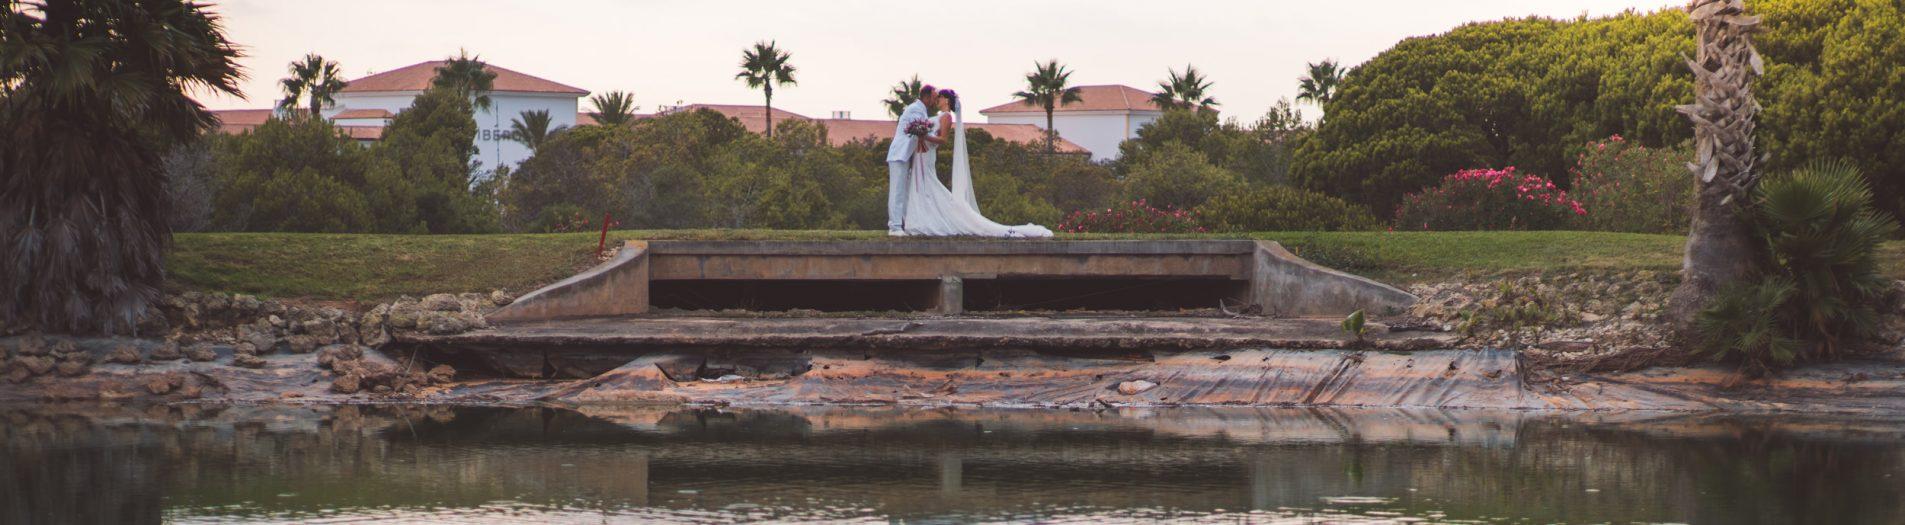 Fotógrafo de bodas en Chiclana, Sylvia y Alberto